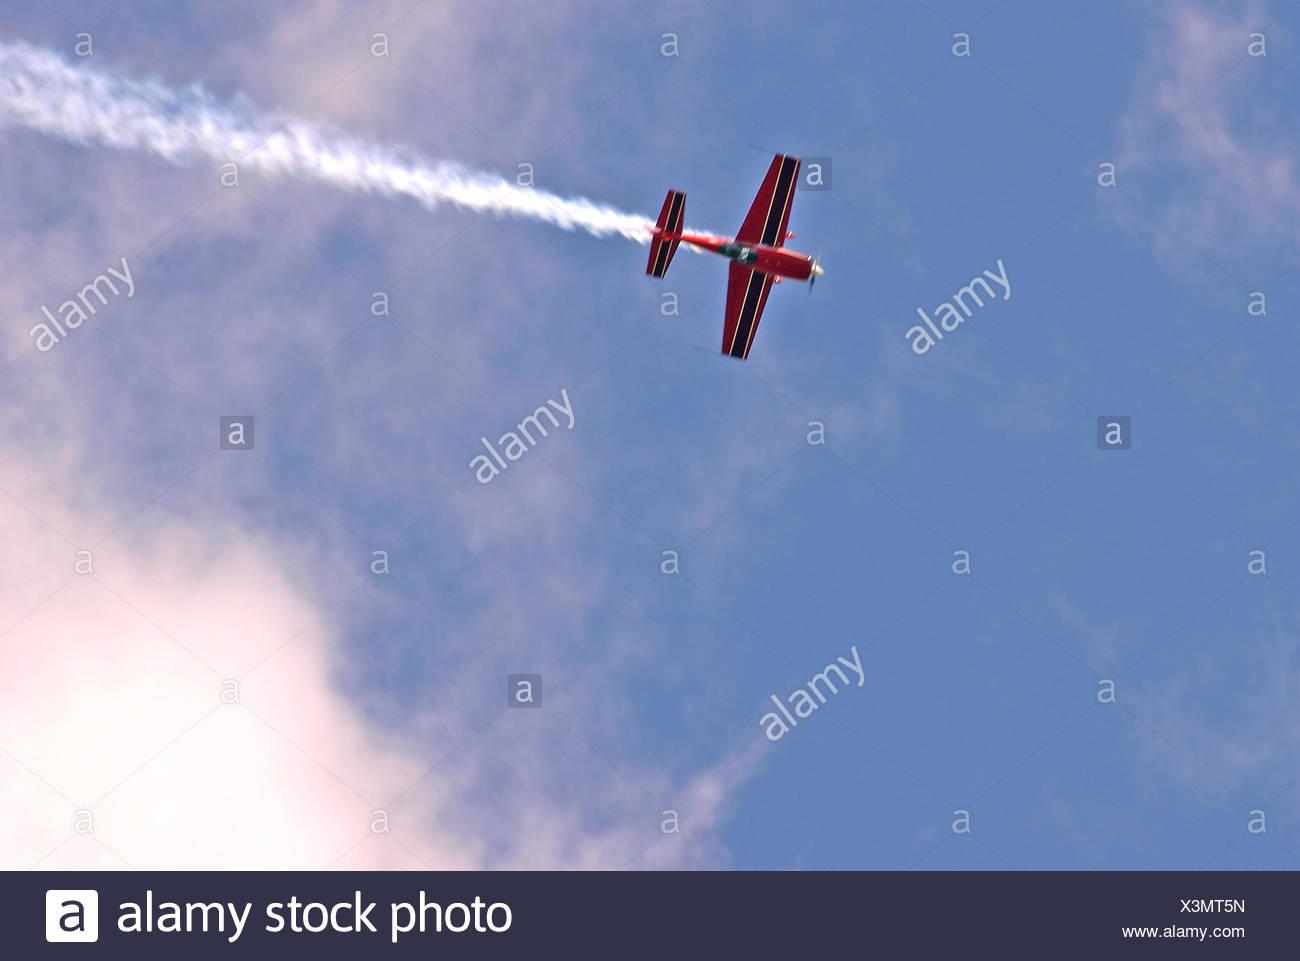 smoking plane engine stock  smoking plane engine stock images alamy